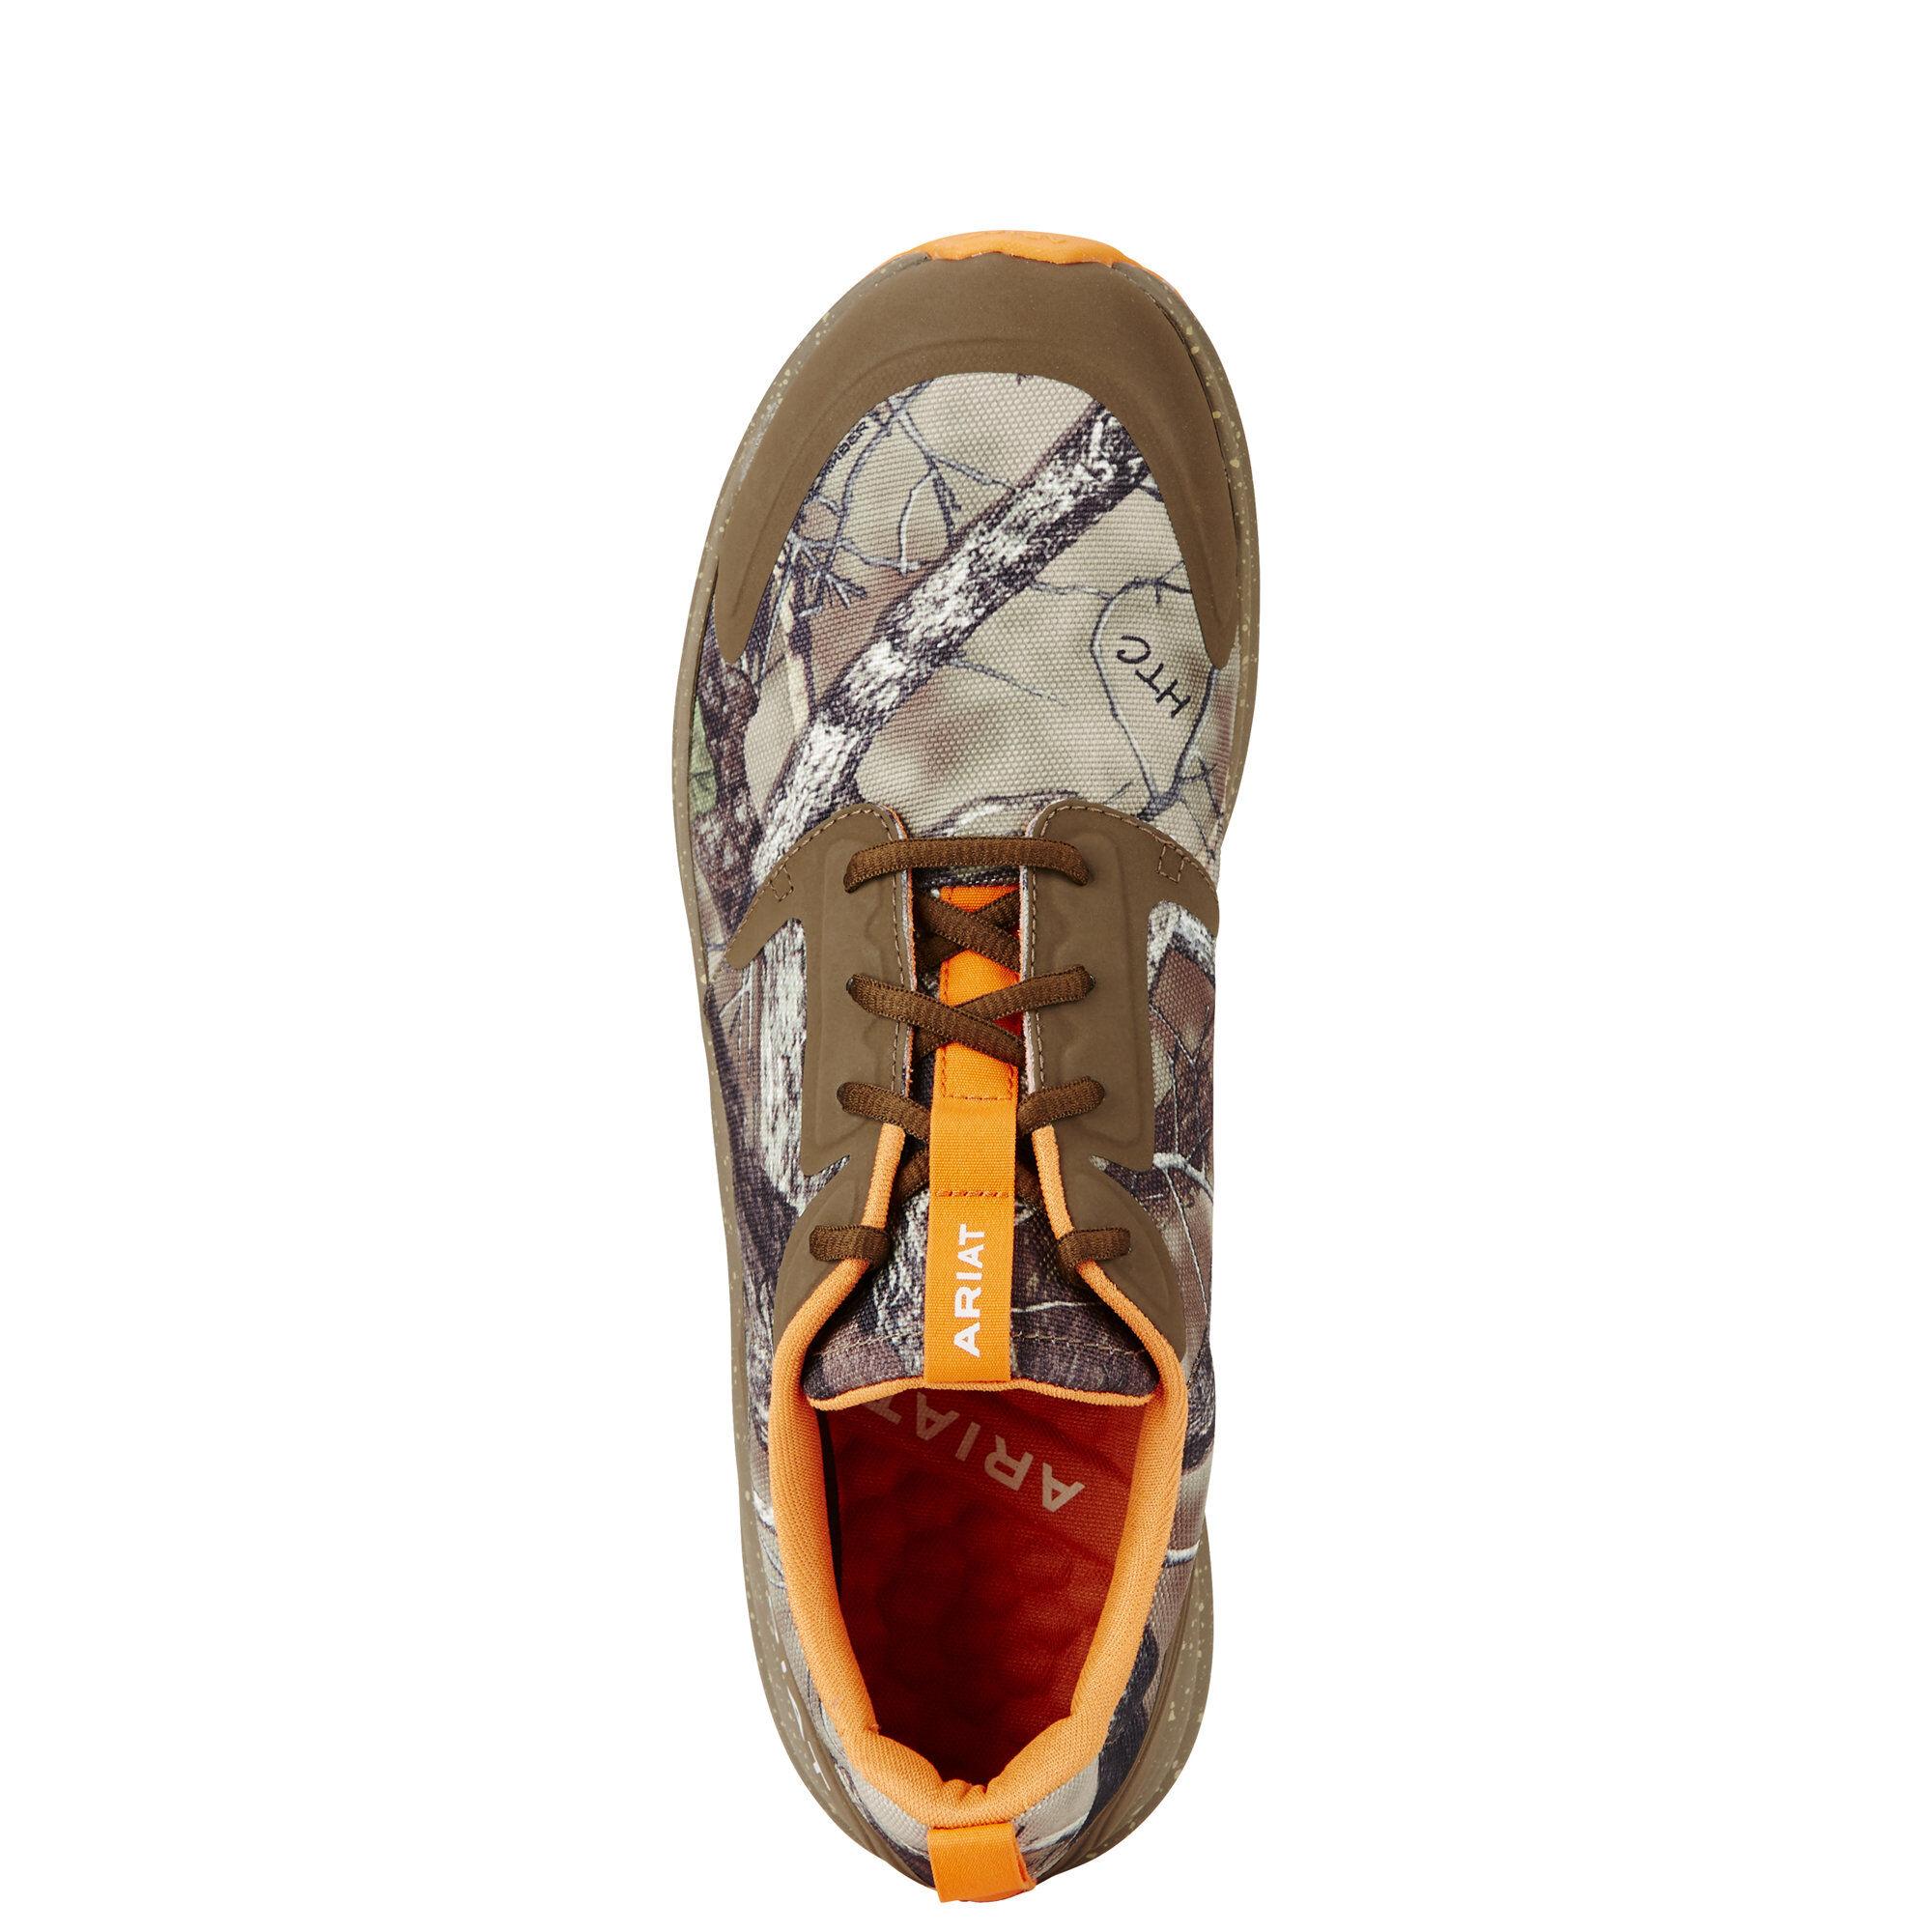 ariat men's fuse athletic shoe